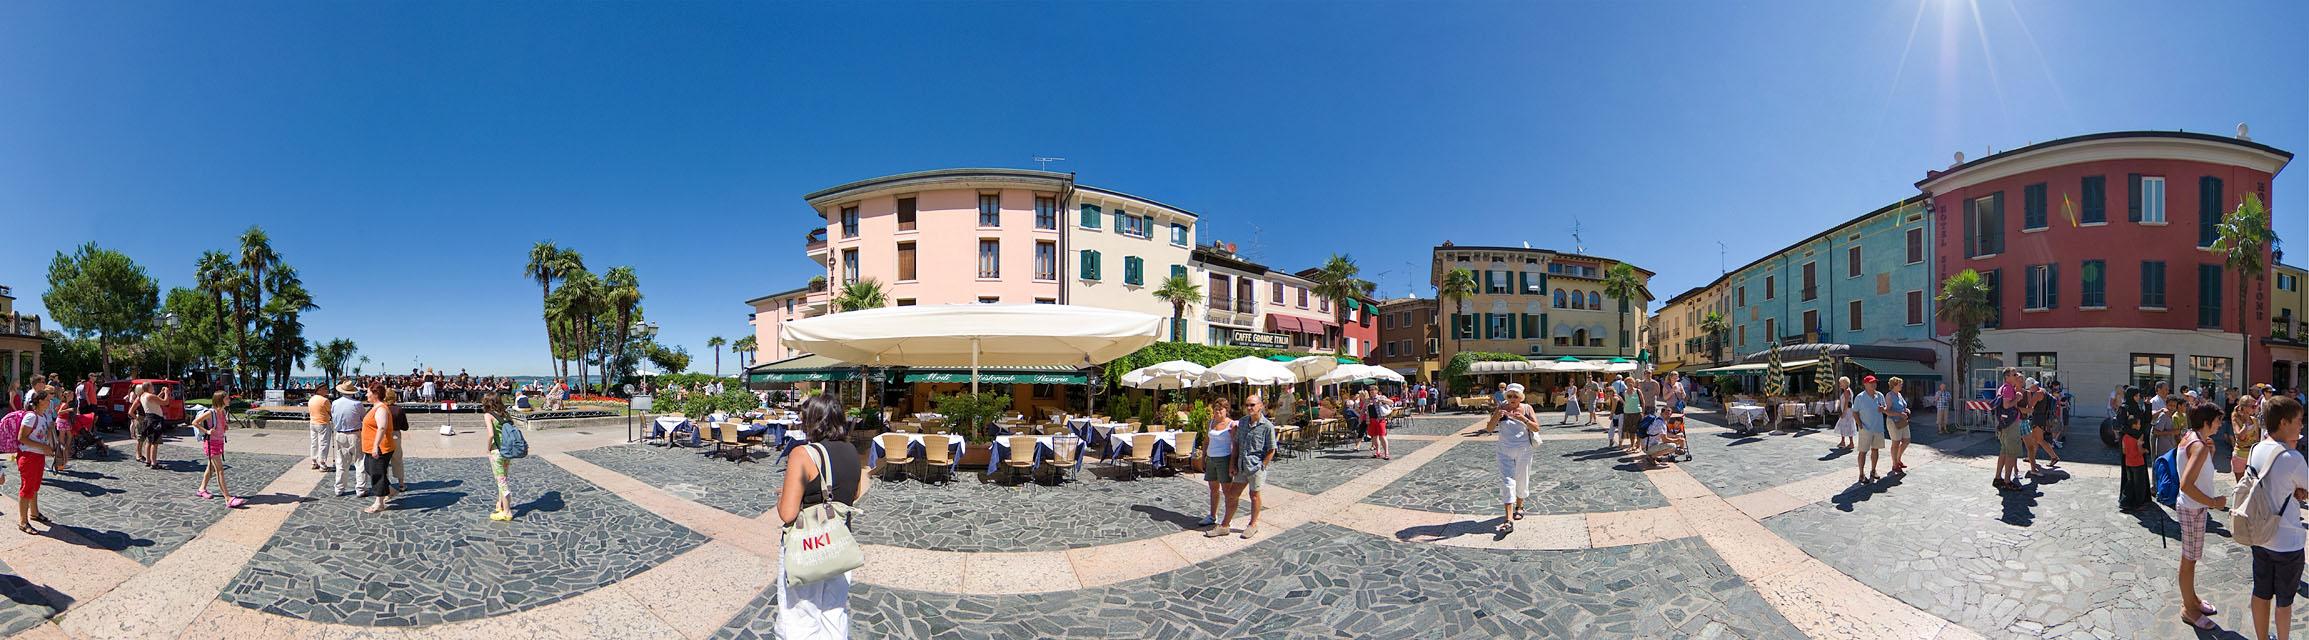 Sirmione Piazza Carducci